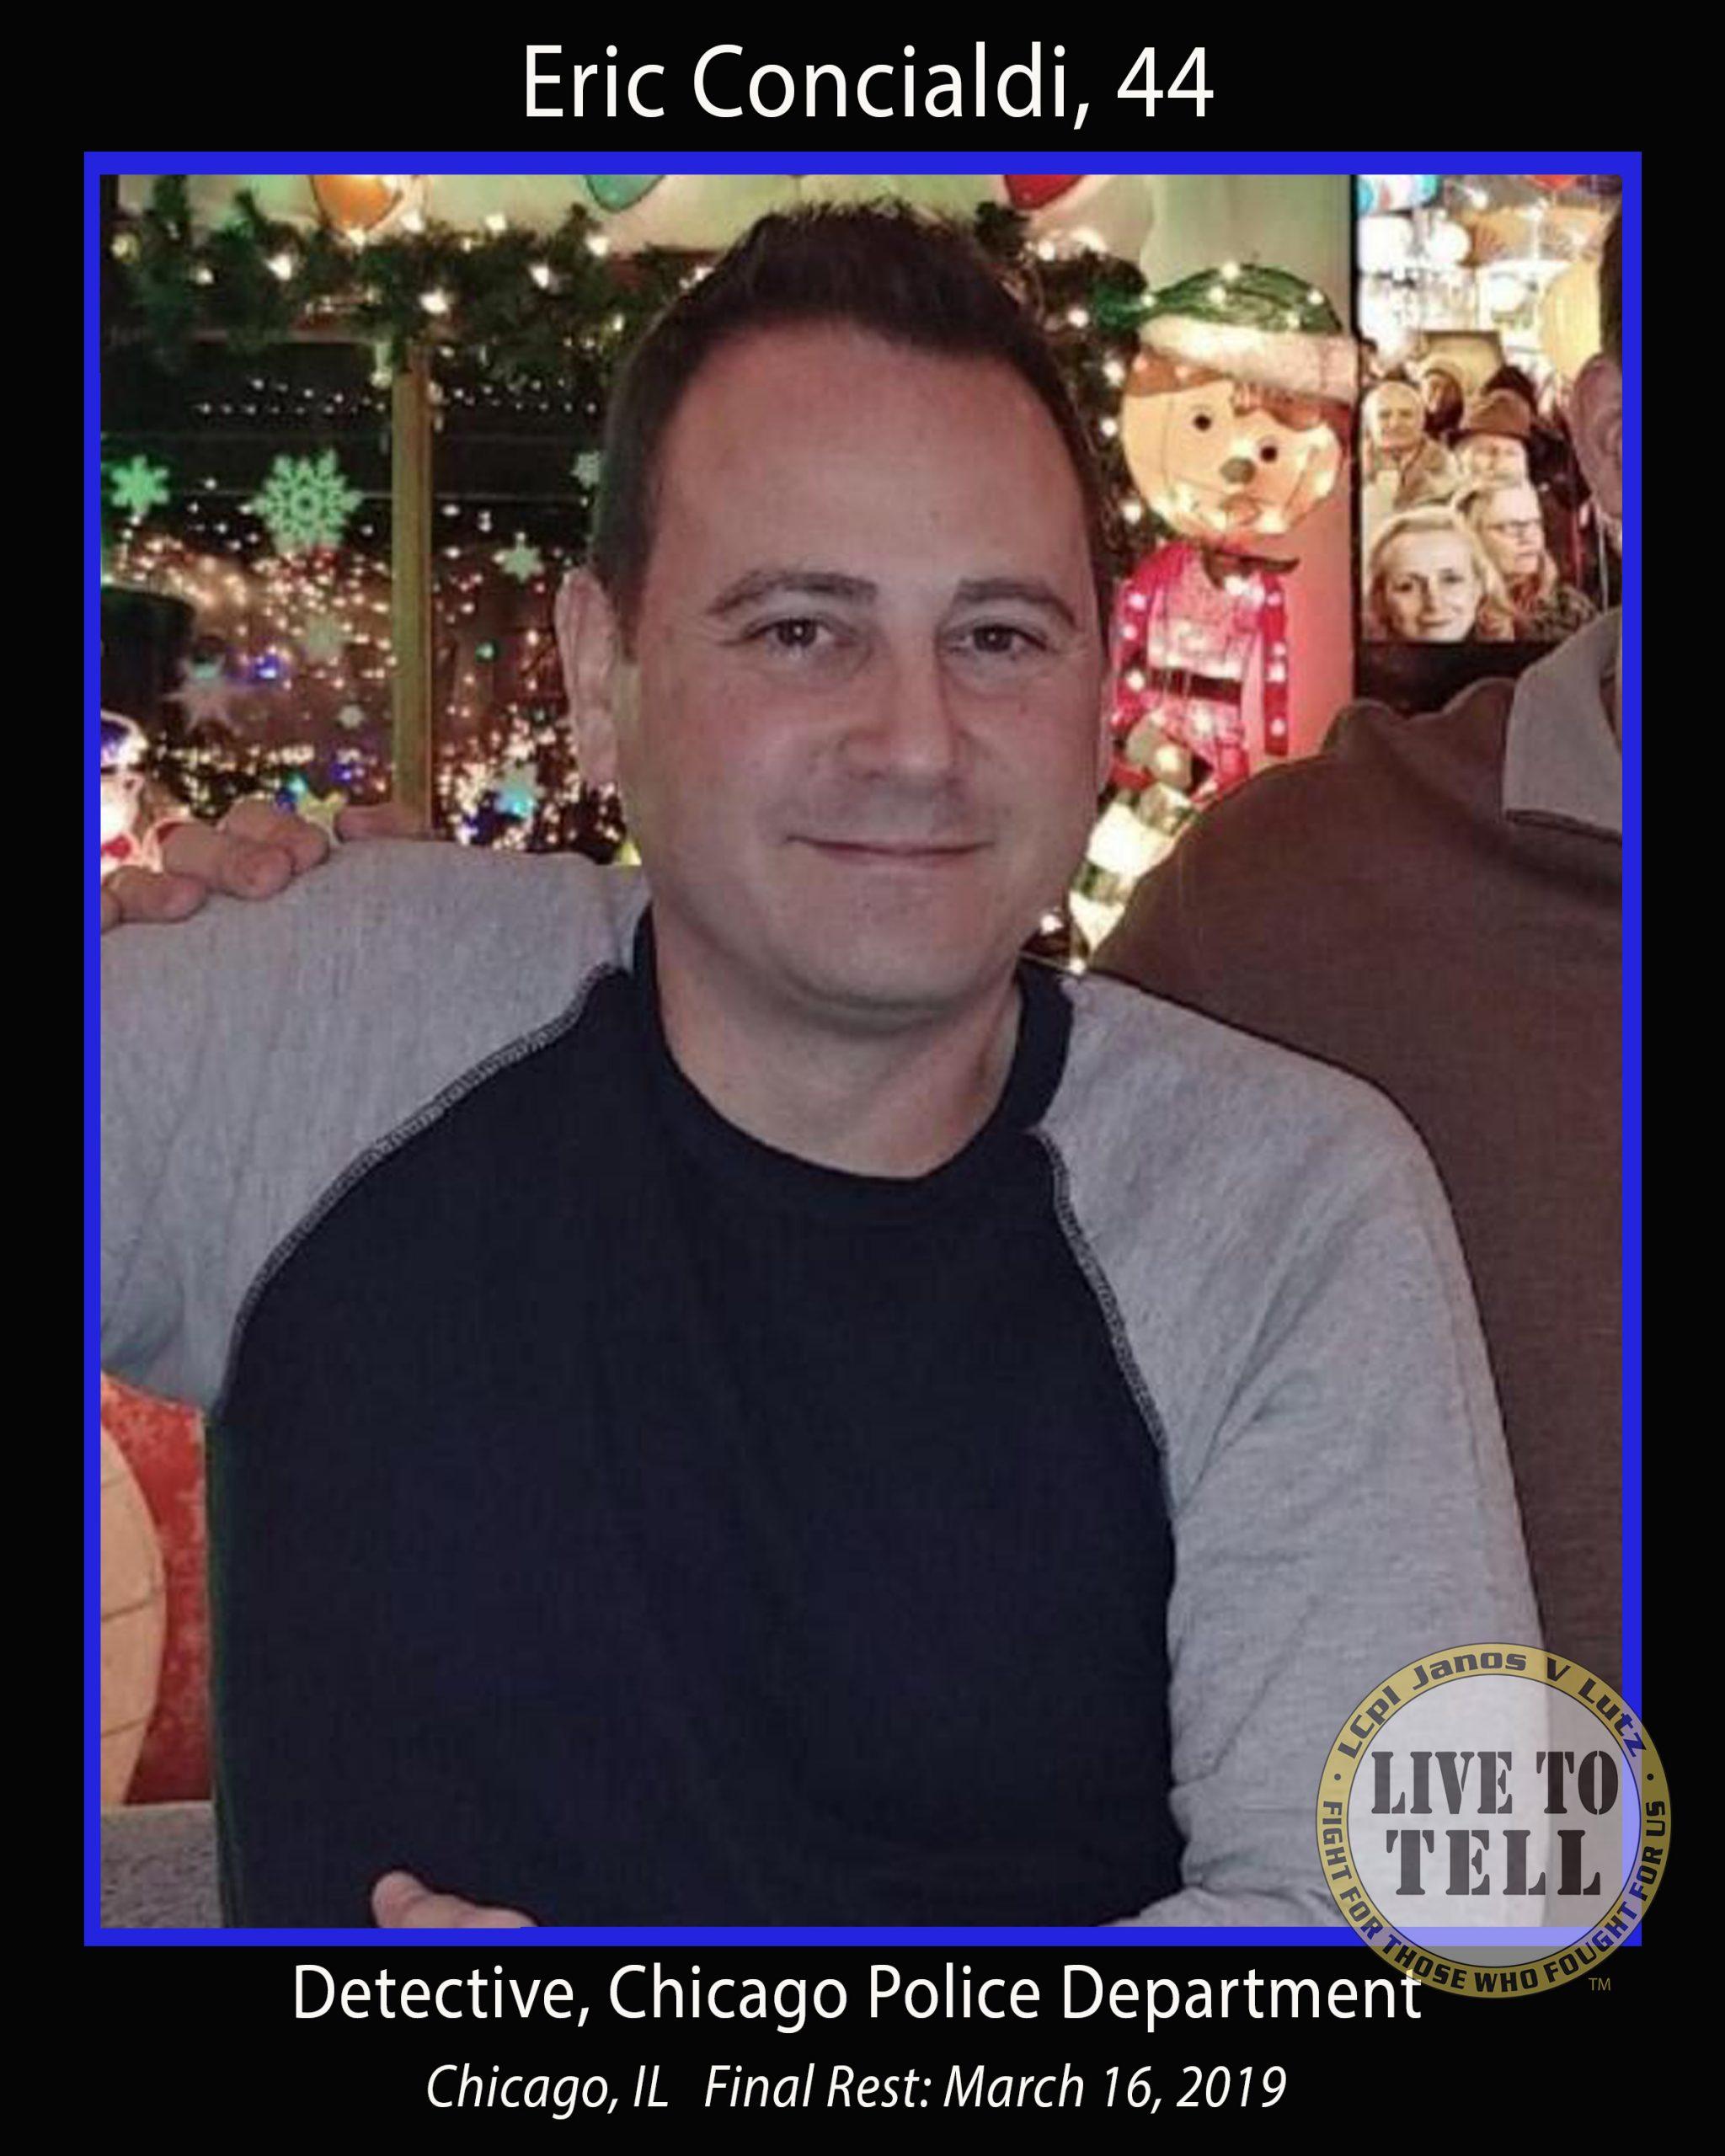 Eric Concialdi, 44